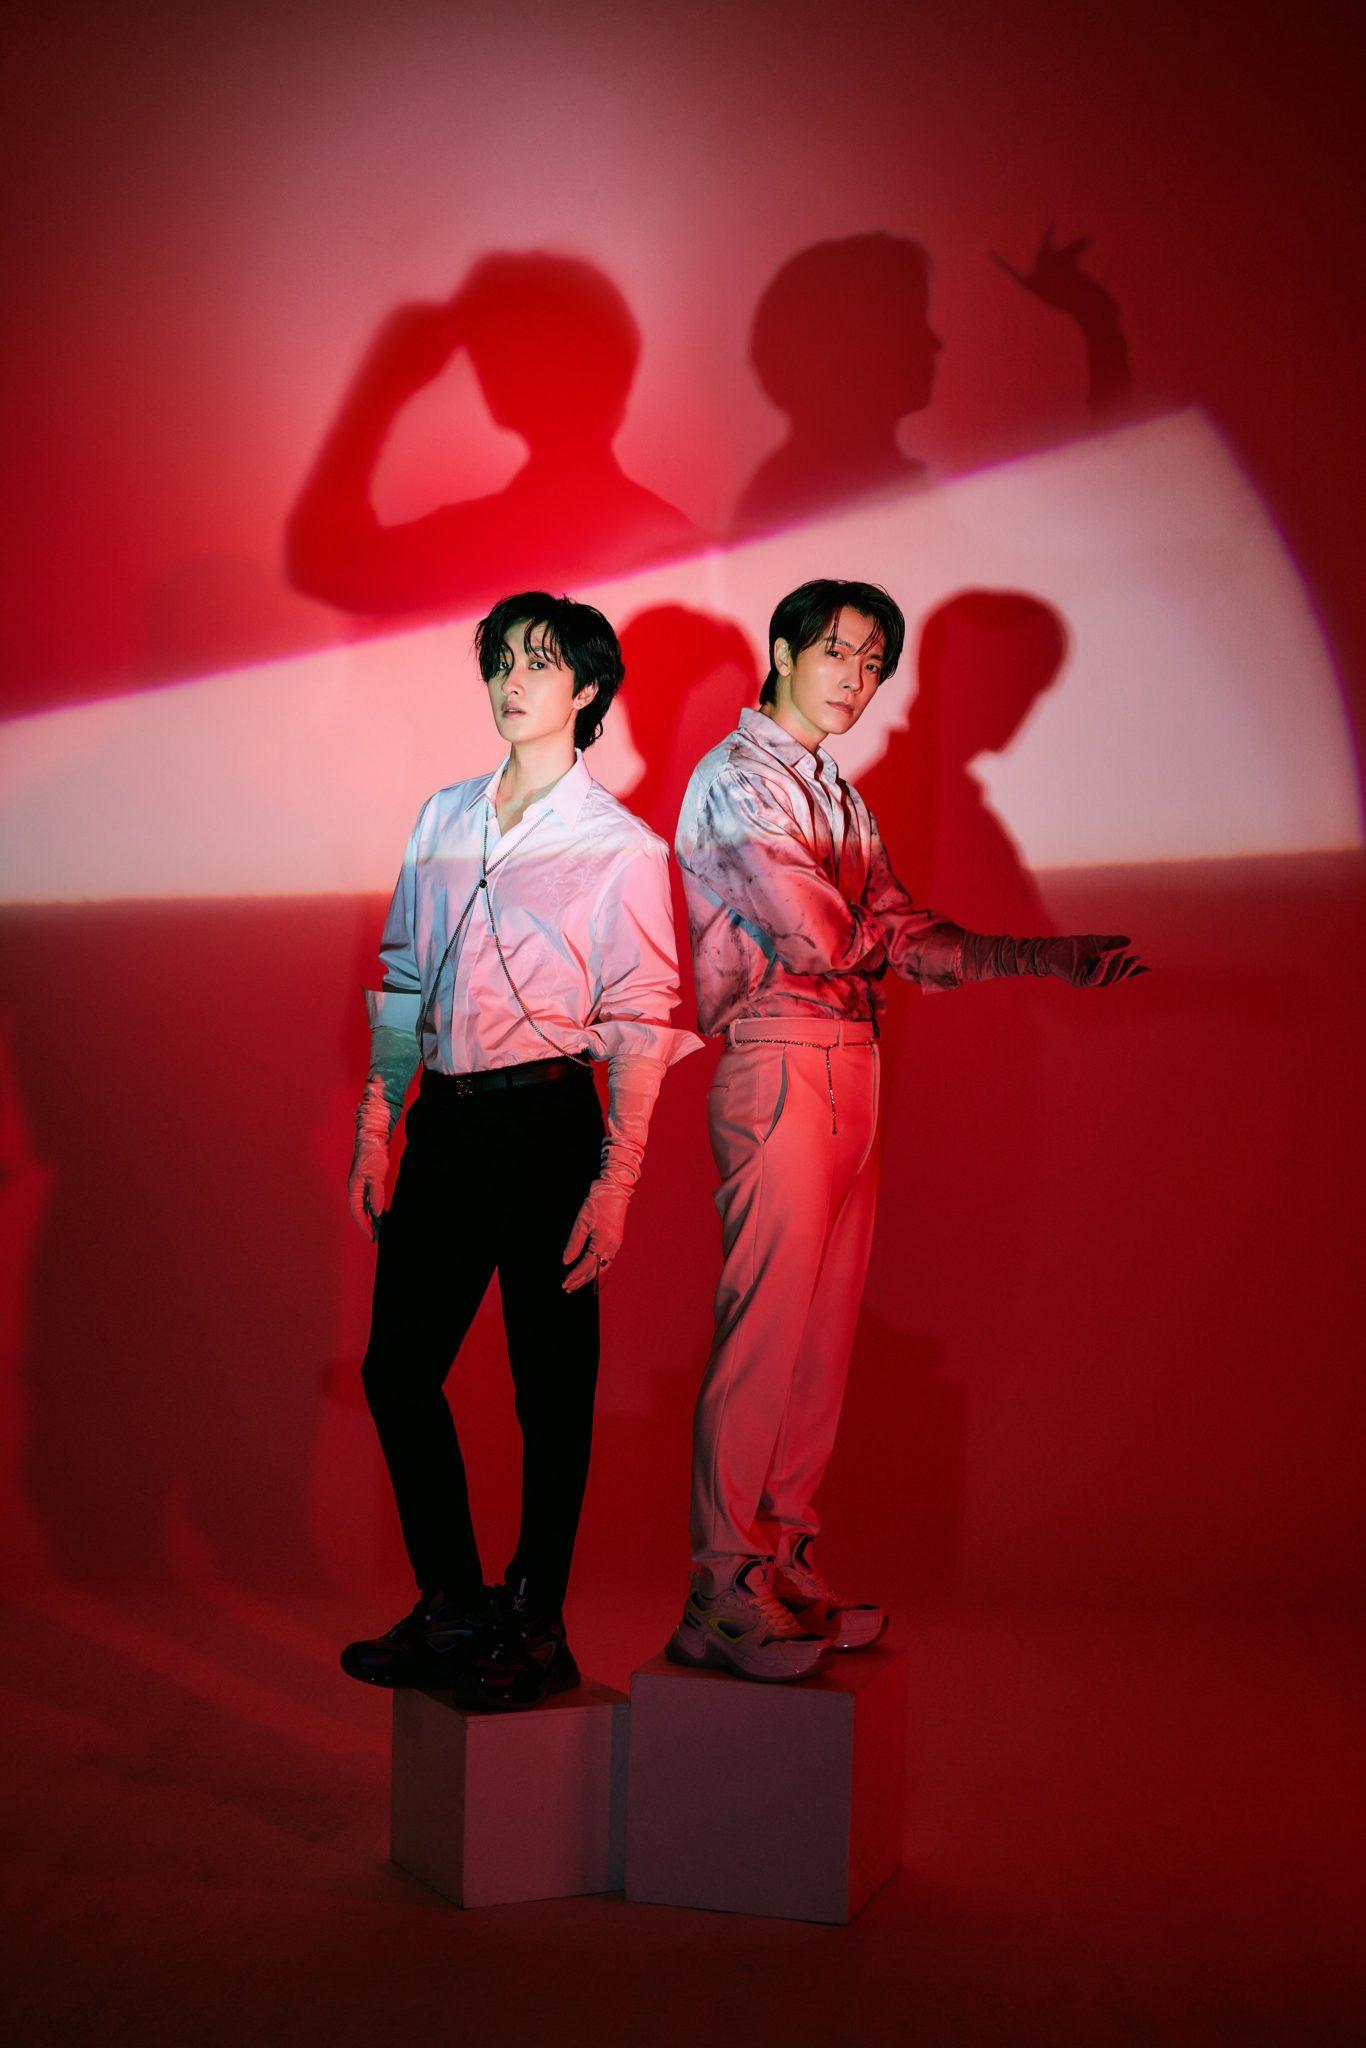 Super Junior D&E Show Their Enchantment in 'BAD LIAR' Special Mini Album Teaser